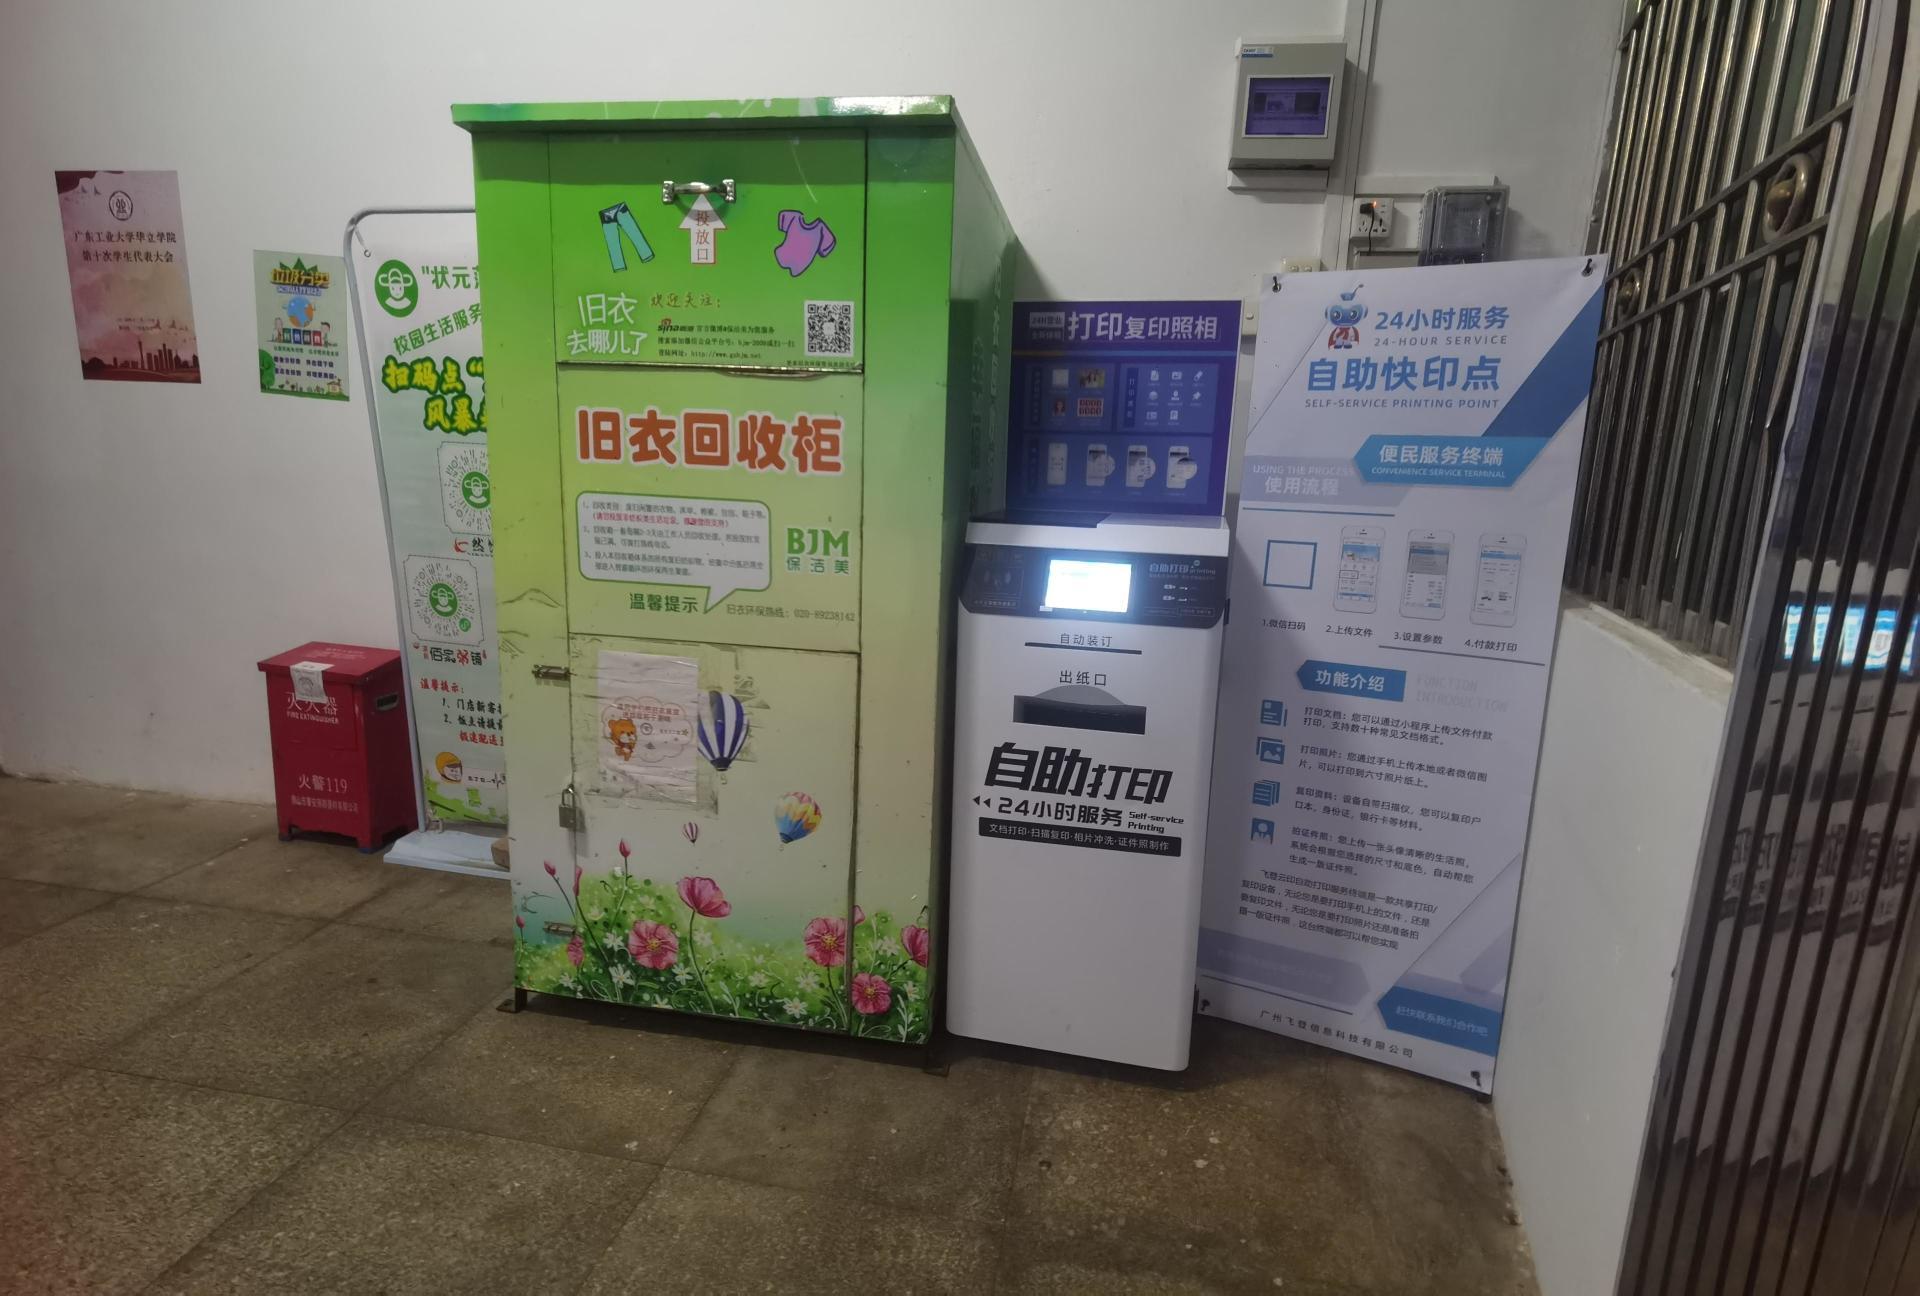 【全国连锁品牌】广东工业大学华立学院开业